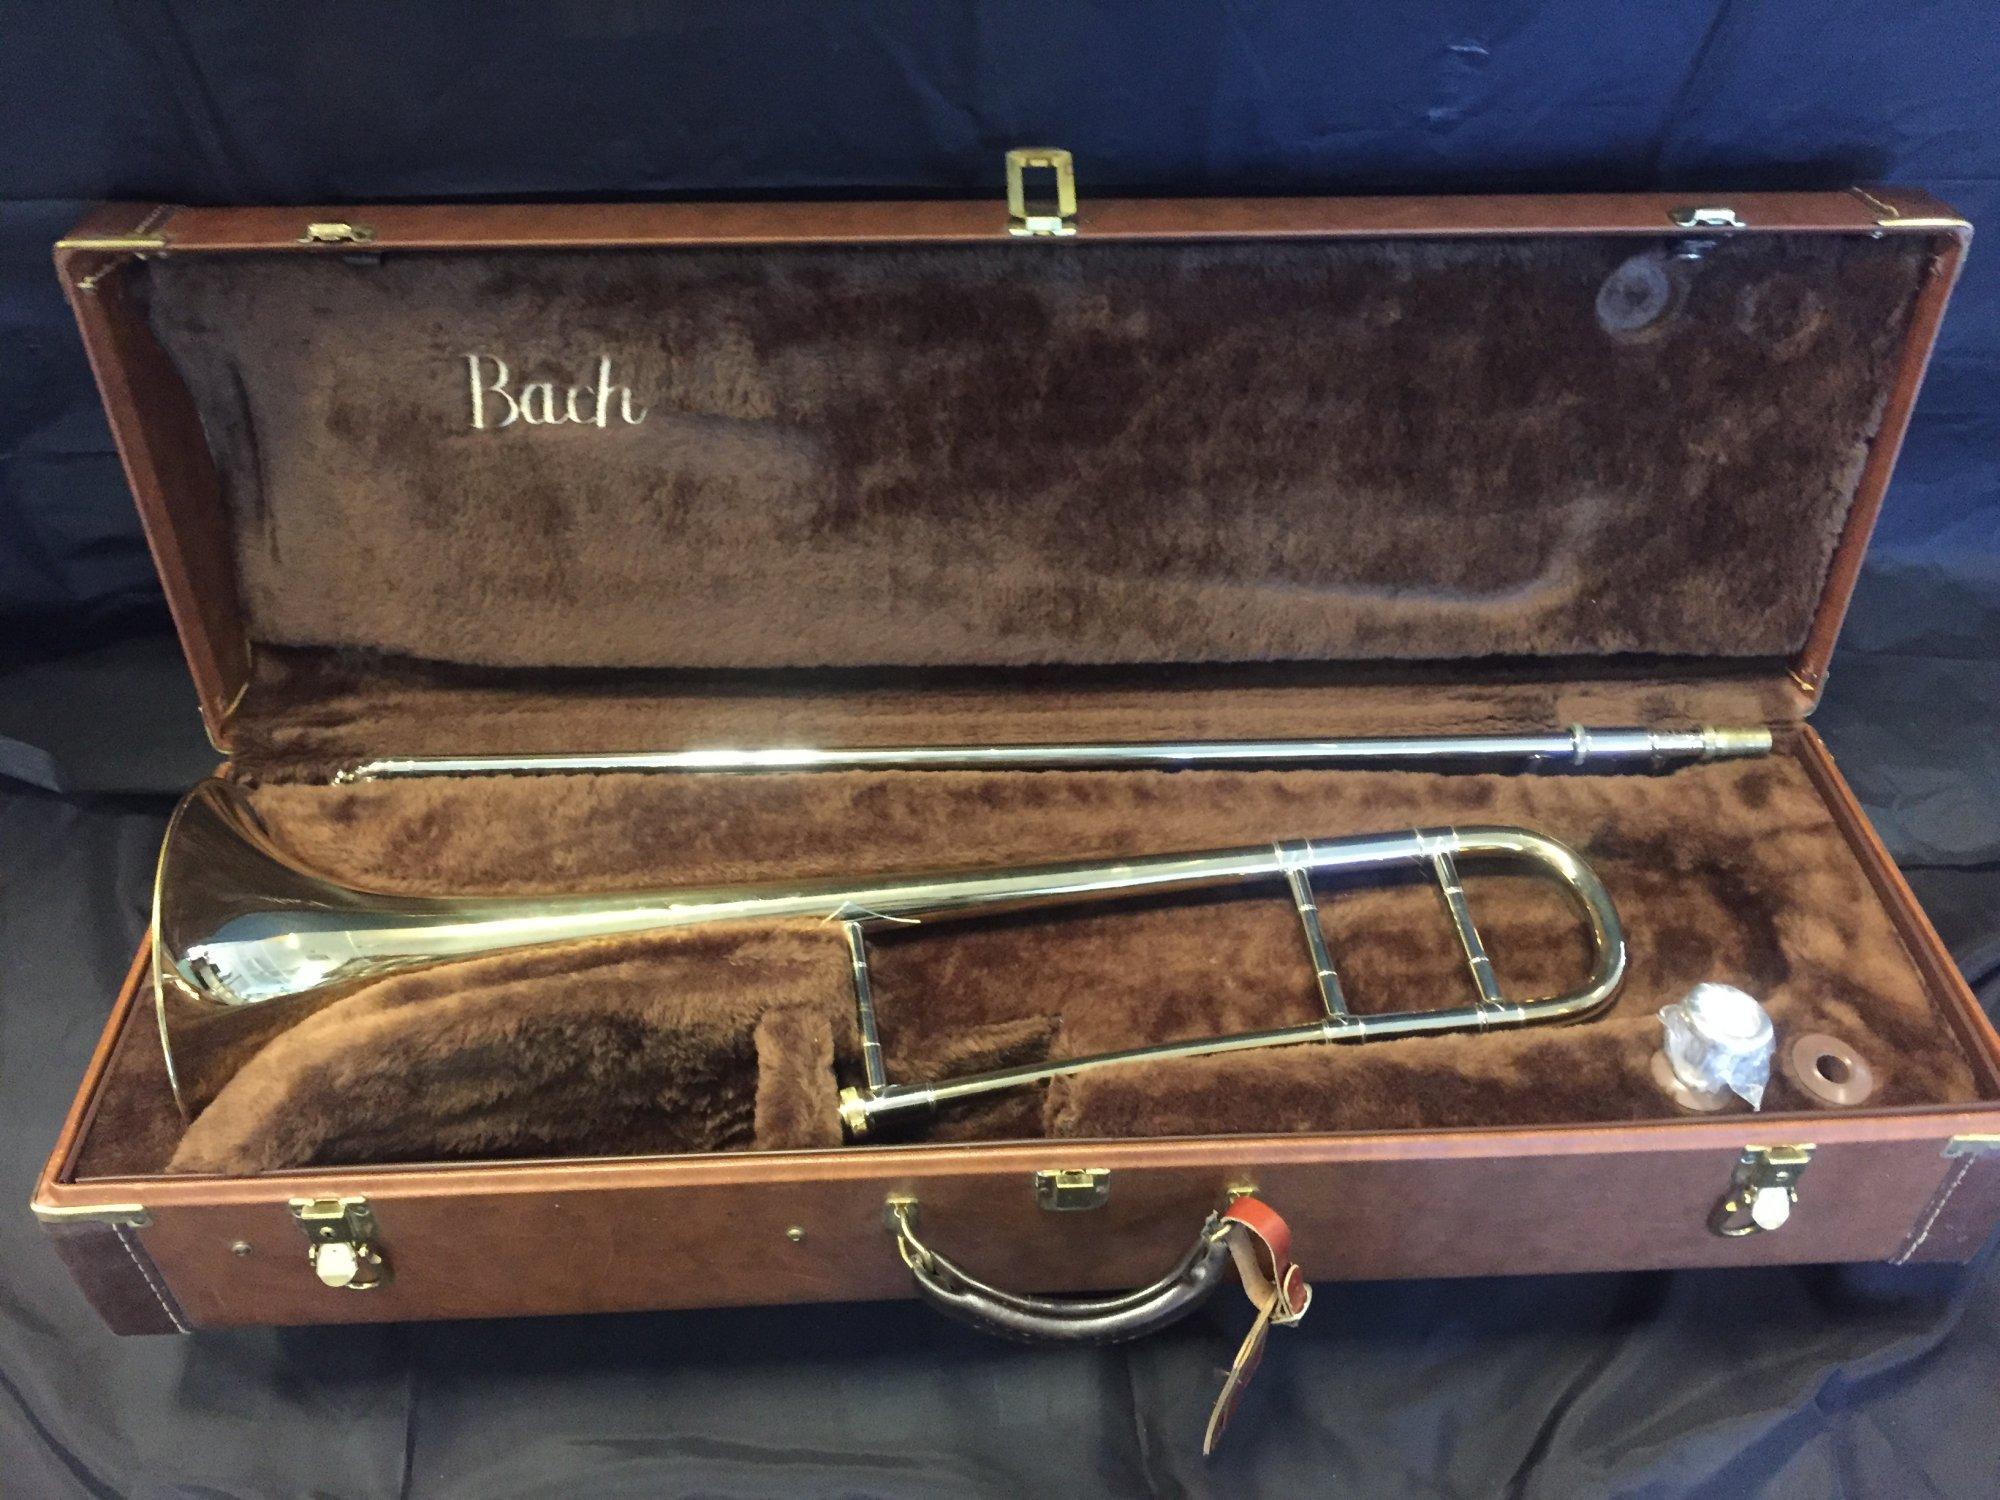 Bach Stradivarius Model 16 Trombone